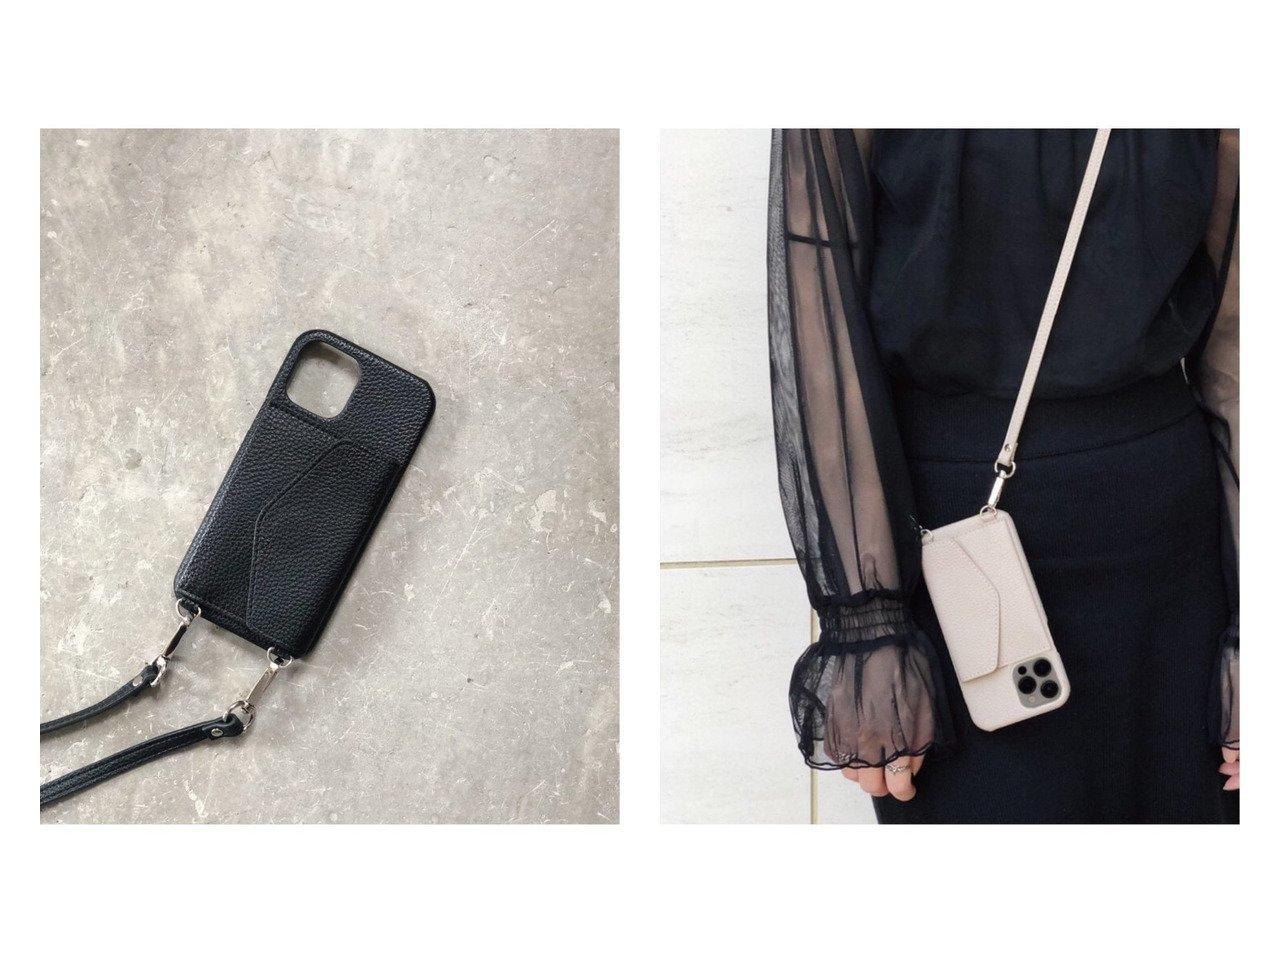 【Banner Barrett/バナーバレット】のショルダーストラップ付きiPhoneケース おすすめ!人気、トレンド・レディースファッションの通販 おすすめで人気の流行・トレンド、ファッションの通販商品 インテリア・家具・メンズファッション・キッズファッション・レディースファッション・服の通販 founy(ファニー) https://founy.com/ ファッション Fashion レディースファッション WOMEN アクセサリー ラップ |ID:crp329100000061992